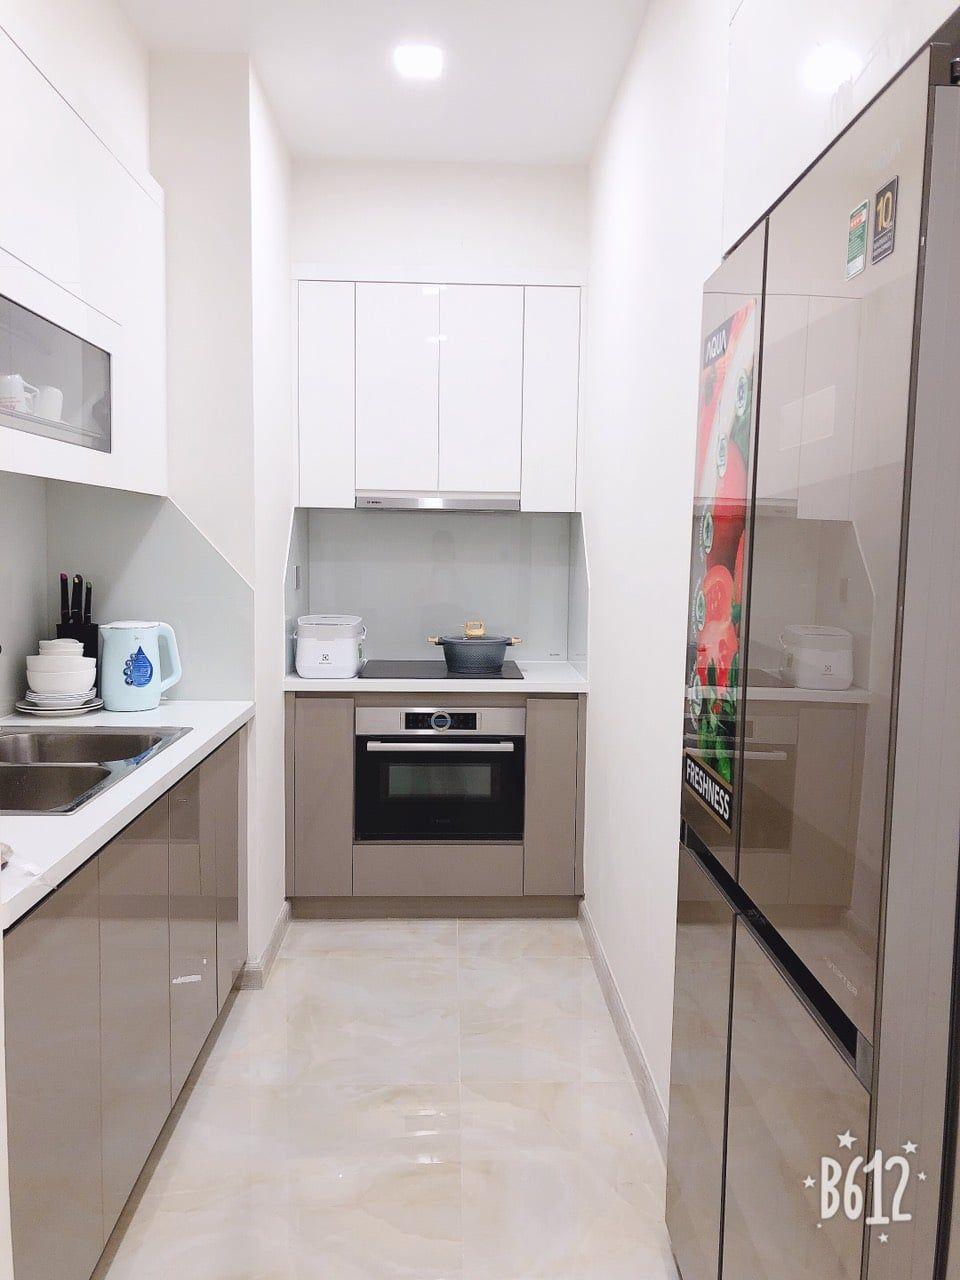 Khu vực bếp với các trang thiết bị hiện đại